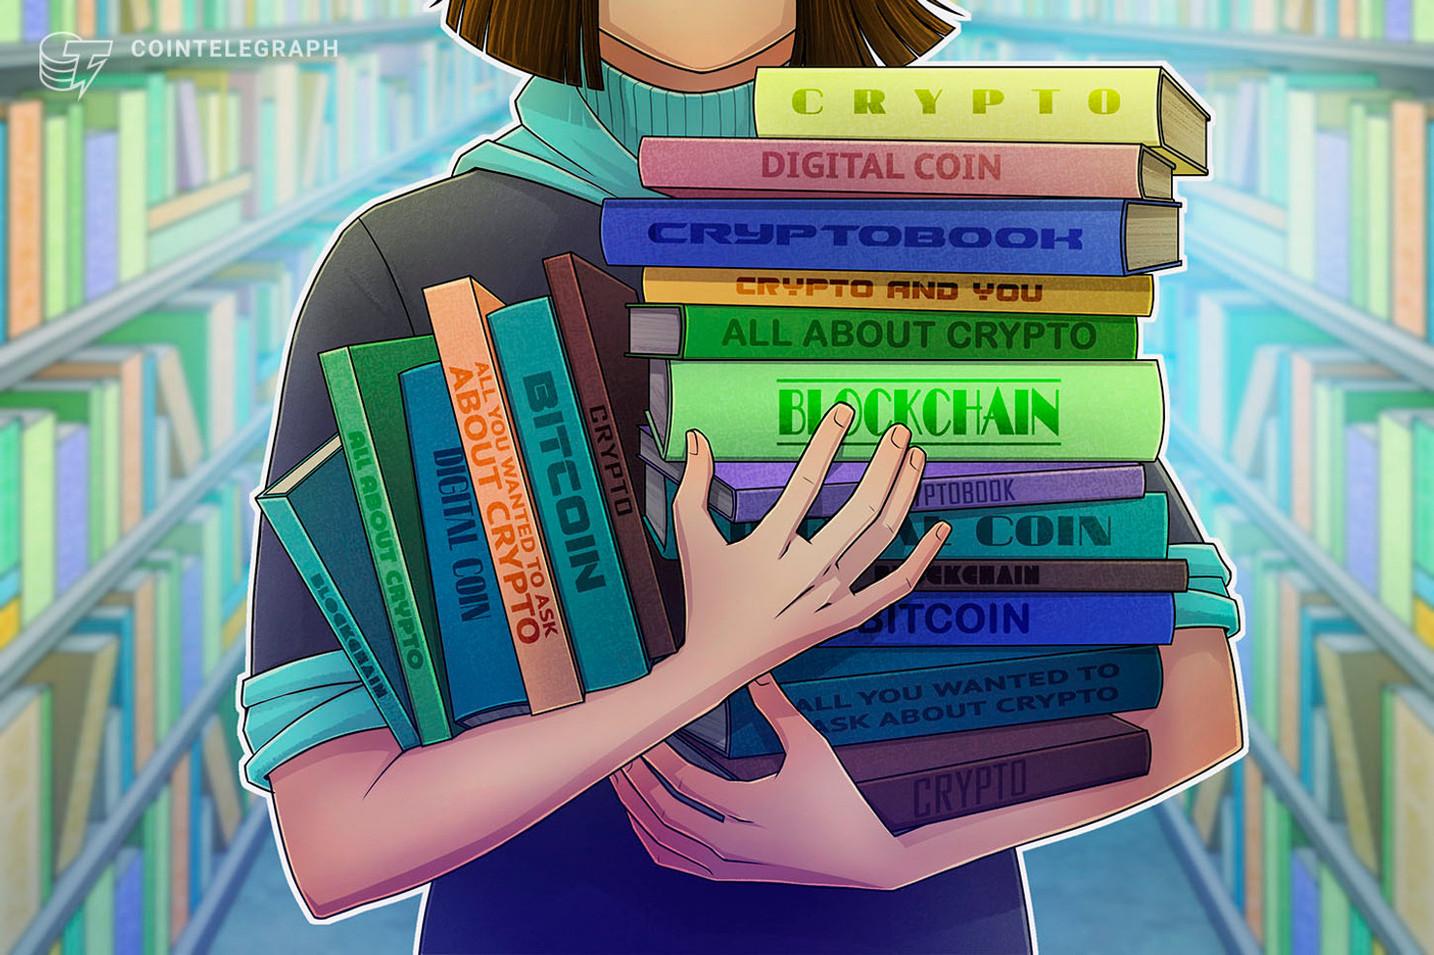 I migliori libri su Bitcoin e criptovalute: i consigli del team